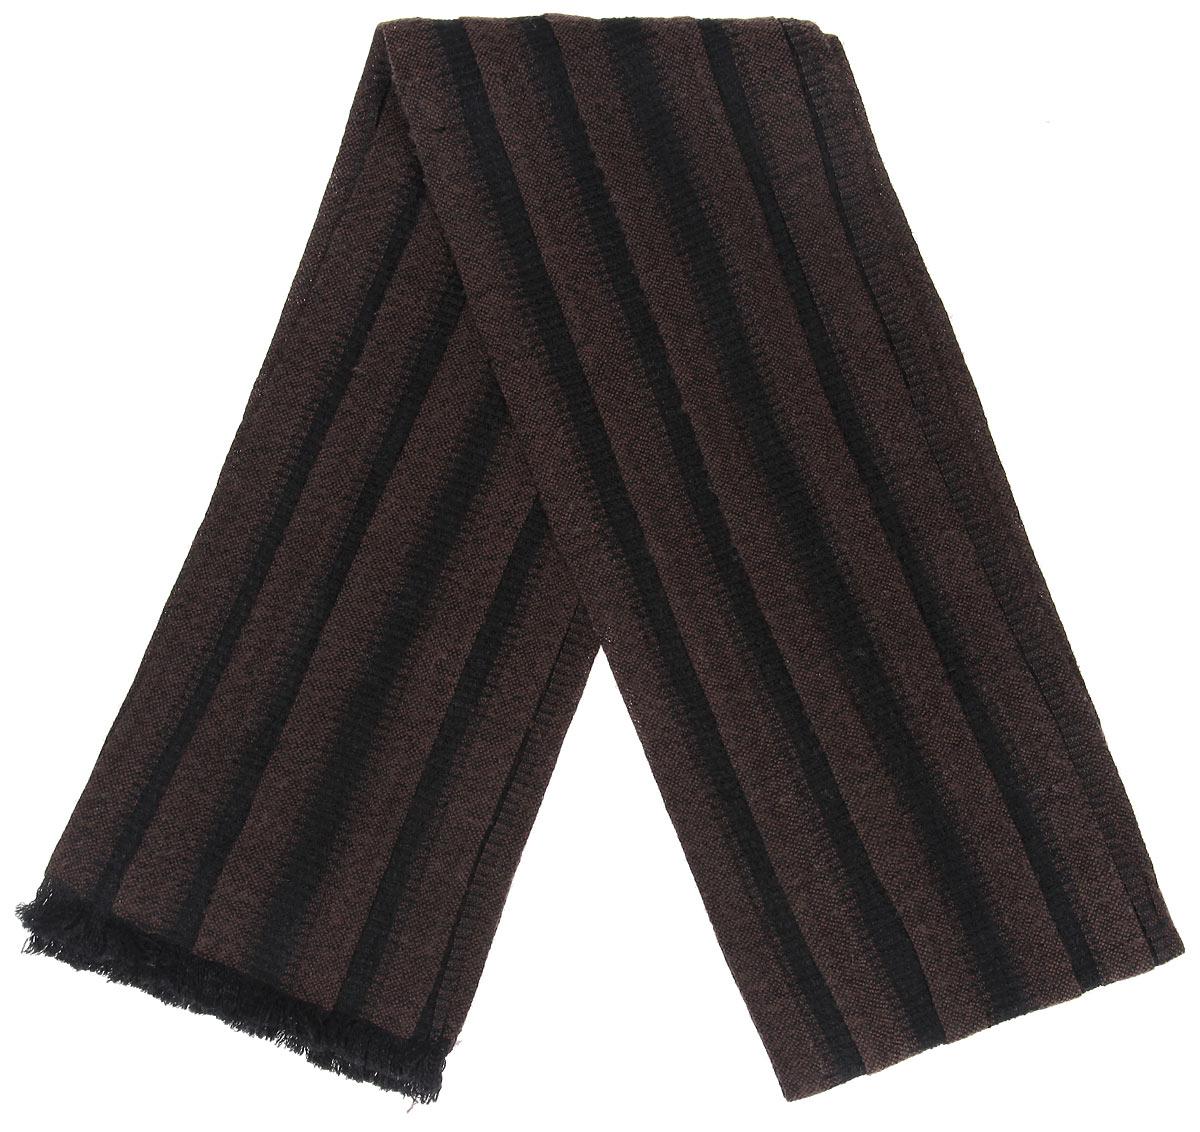 Шарф мужской. 000505600050Элегантный мужской шарф Flioraj согреет вас в холодное время года, а также станет изысканным аксессуаром, который призван подчеркнуть ваш стиль и индивидуальность. Теплый, мягкий, приятный на ощупь шарф не продувается и великолепно сохраняет тепло. Оригинальный и стильный шарф выполнен из высококачественной мериносовой шерсти с добавлением лайкры, оформлен узкими полосками и украшен тонкой бахромой по краям. Такой шарф станет превосходным дополнением к любому наряду, защитит вас от ветра и холода и позволит вам создать свой неповторимый стиль